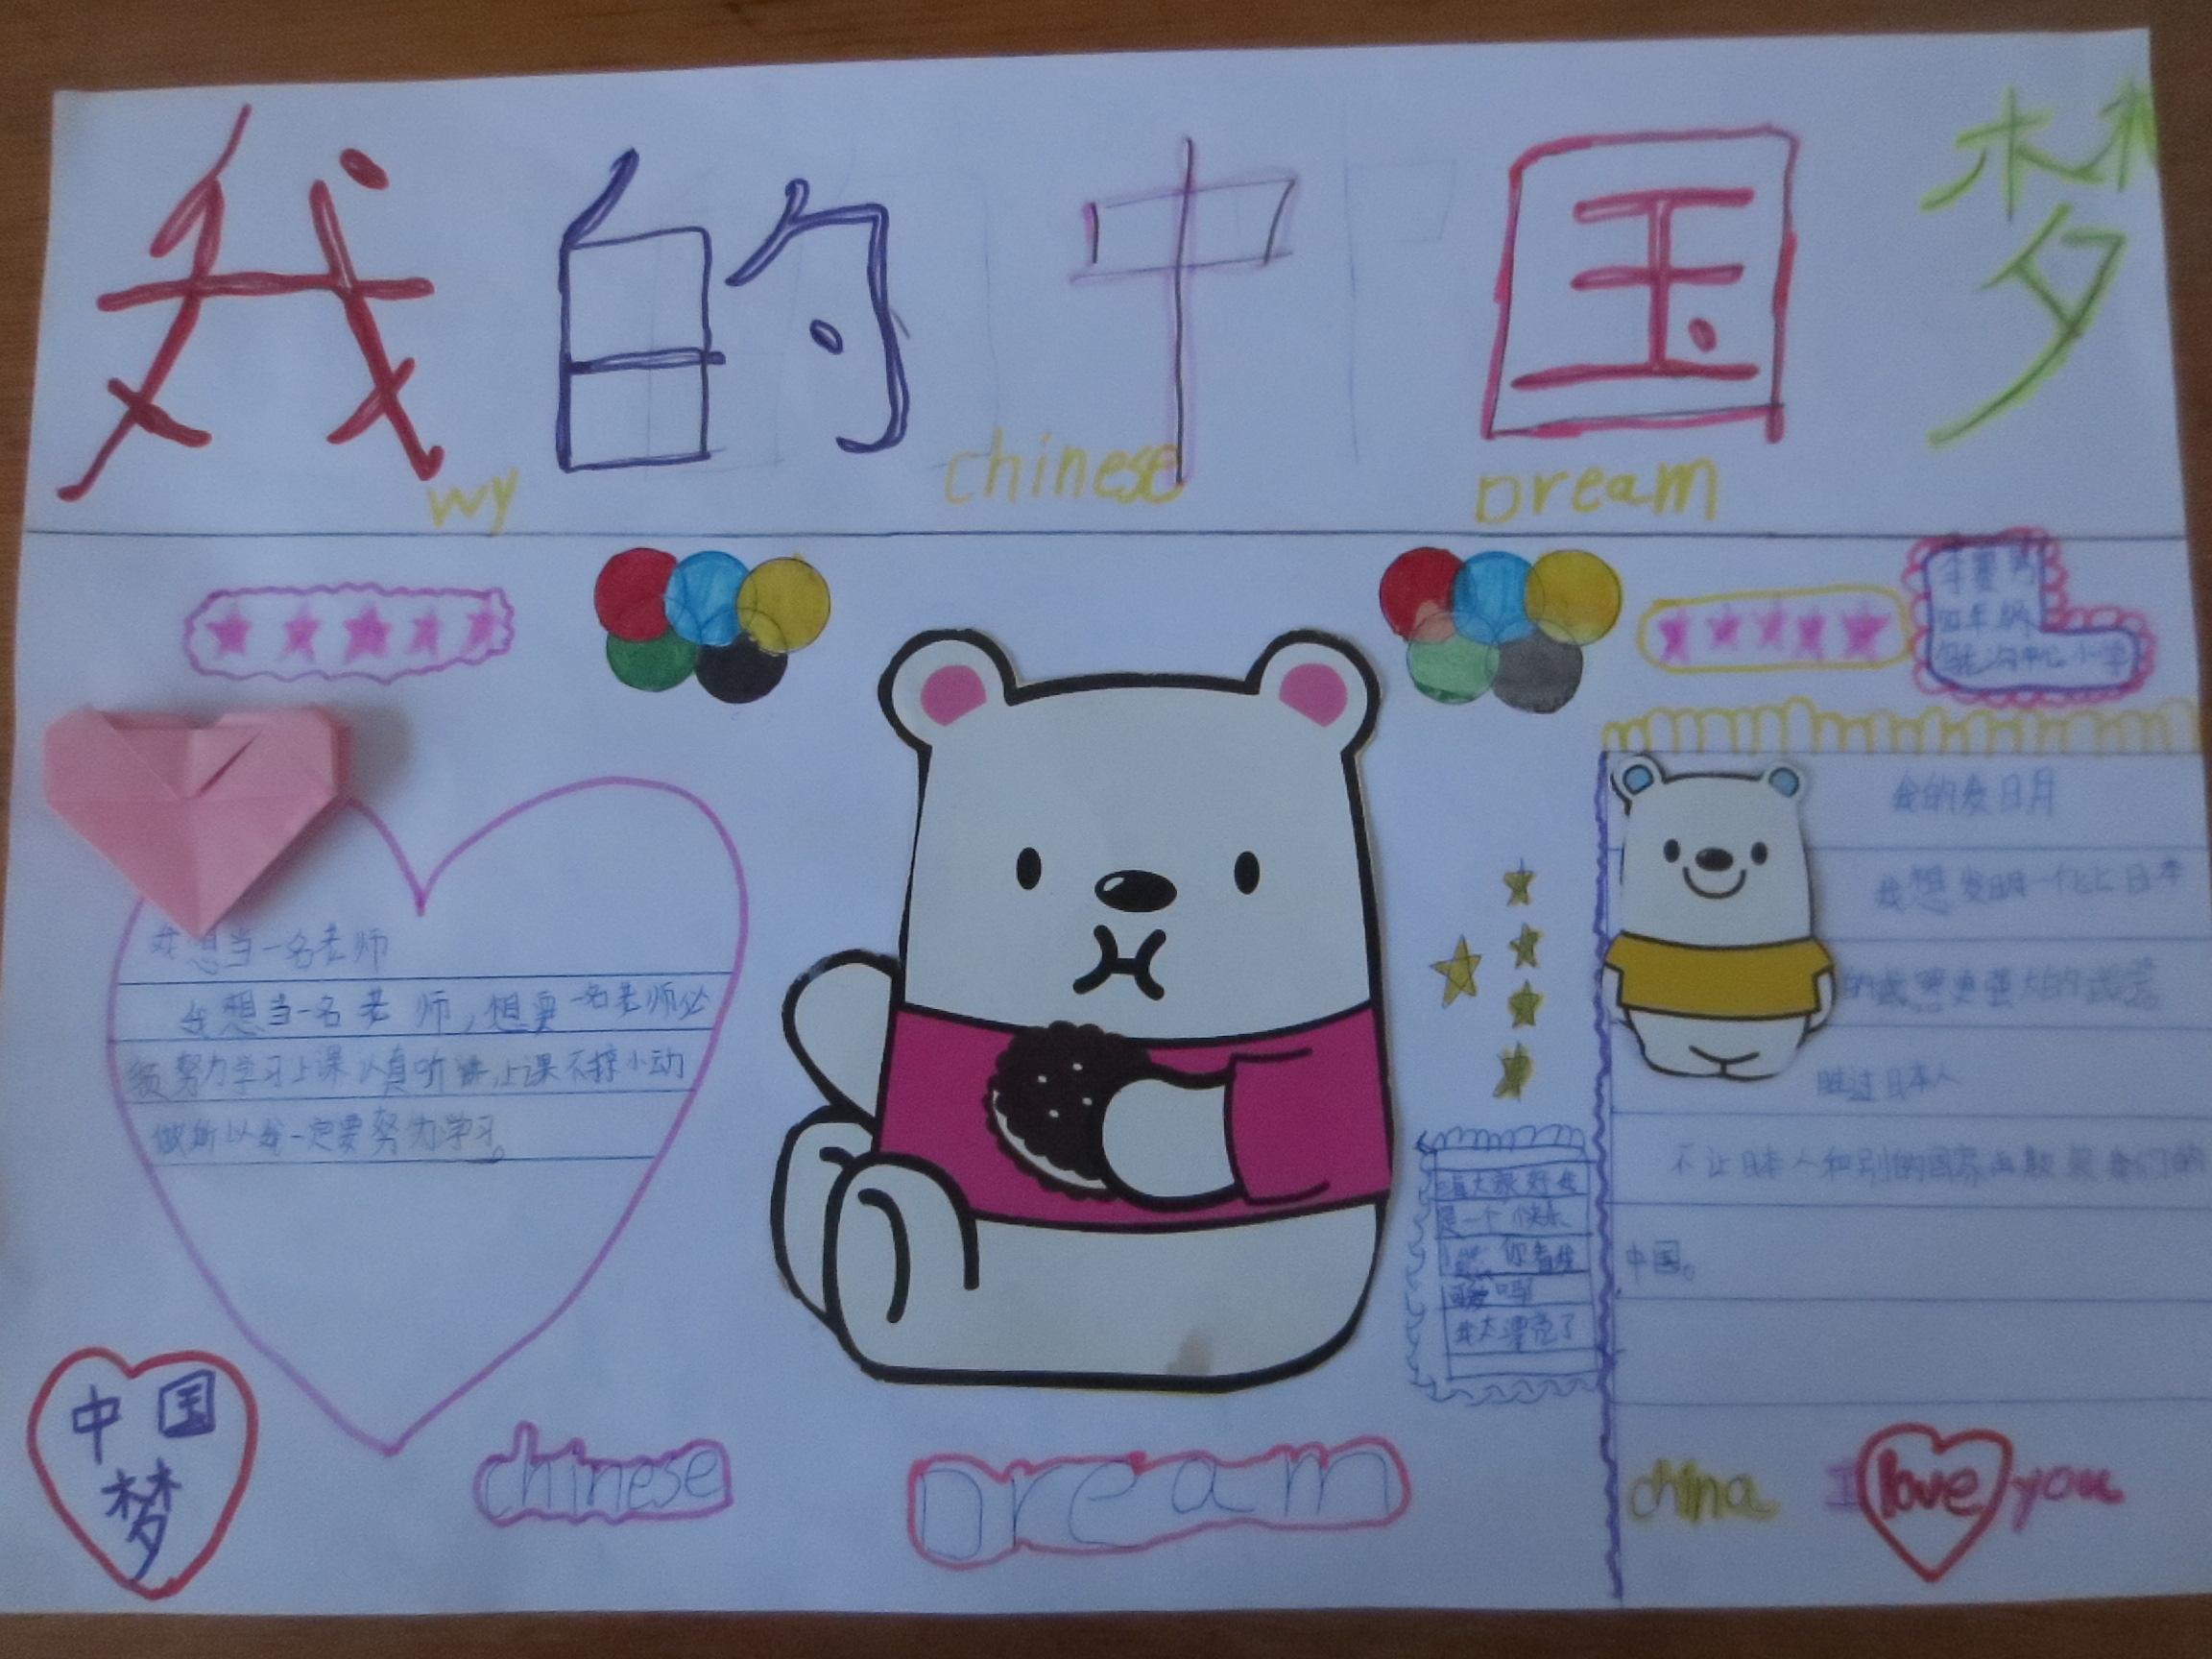 我的中国梦 手抄报作品展